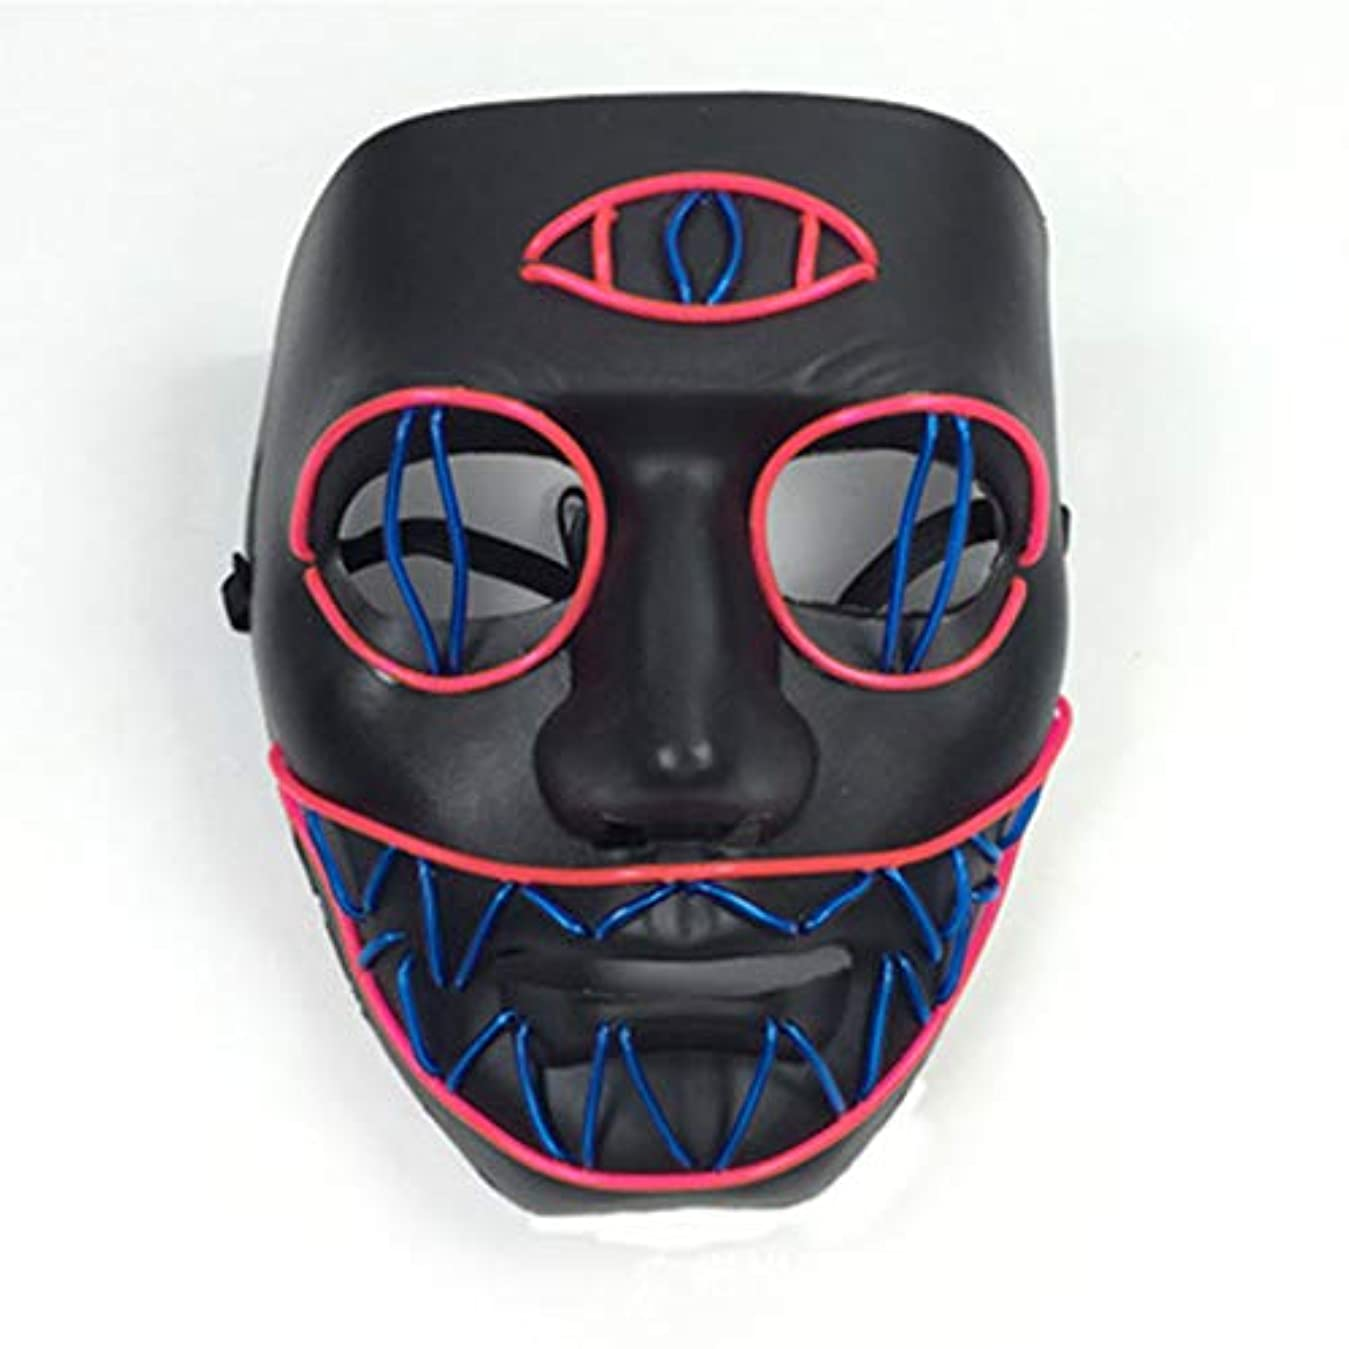 準備警察署観客LEDライト怖いマスク、ノベルティハロウィーンコスチュームパーティー不気味な小道具、安全なELワイヤーPVC DJマスクLED